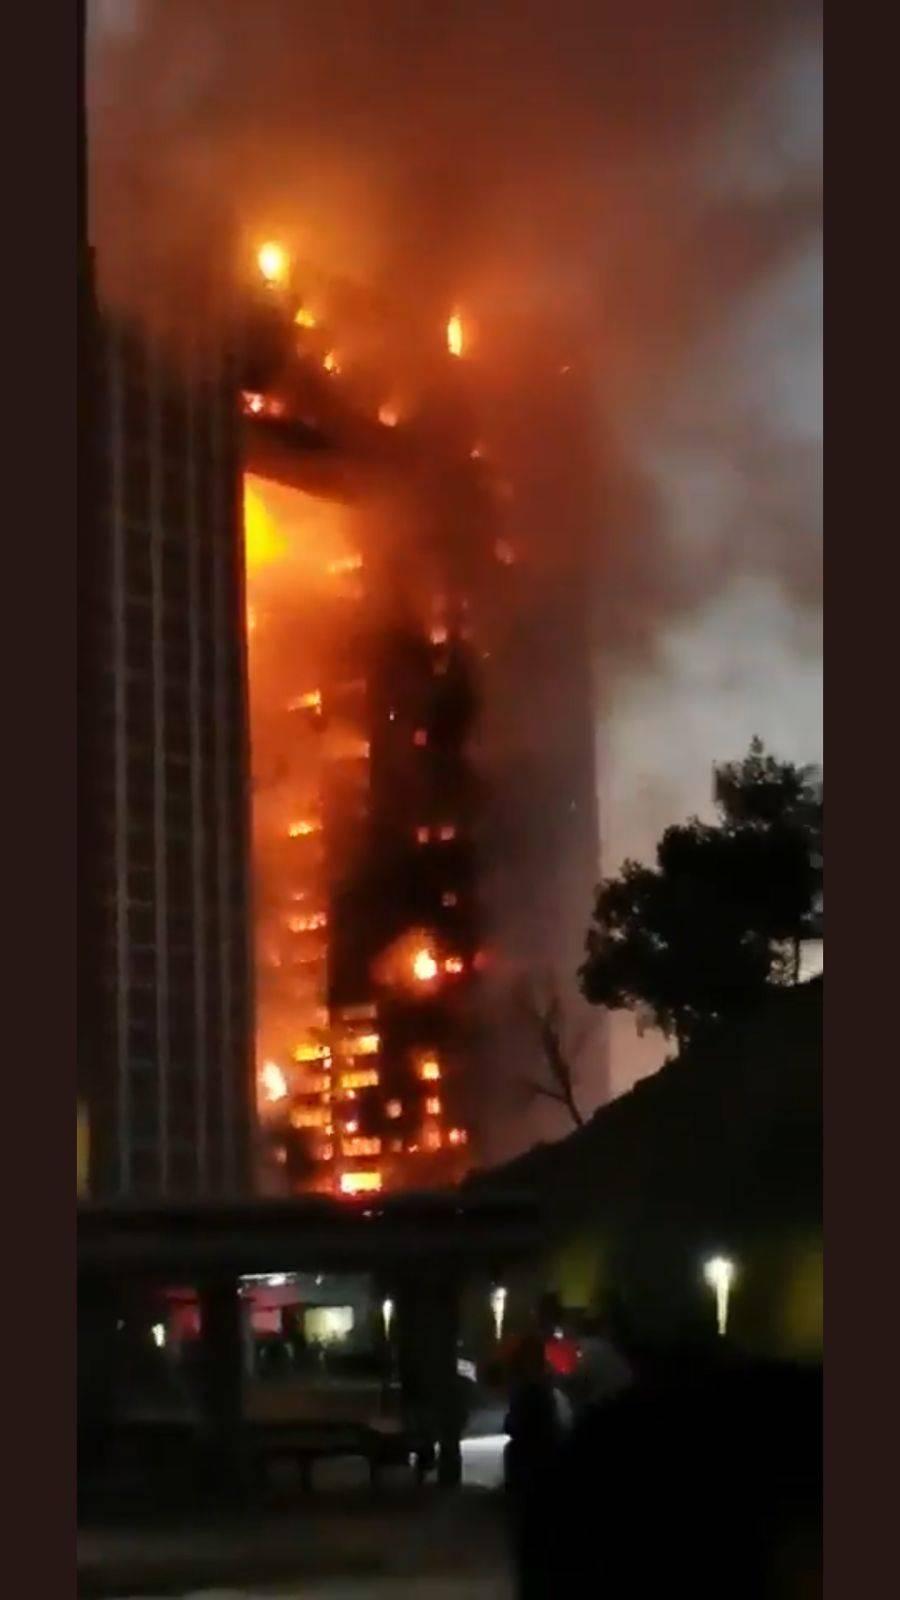 China: Fuerte incendio en edificio de 31 pisos